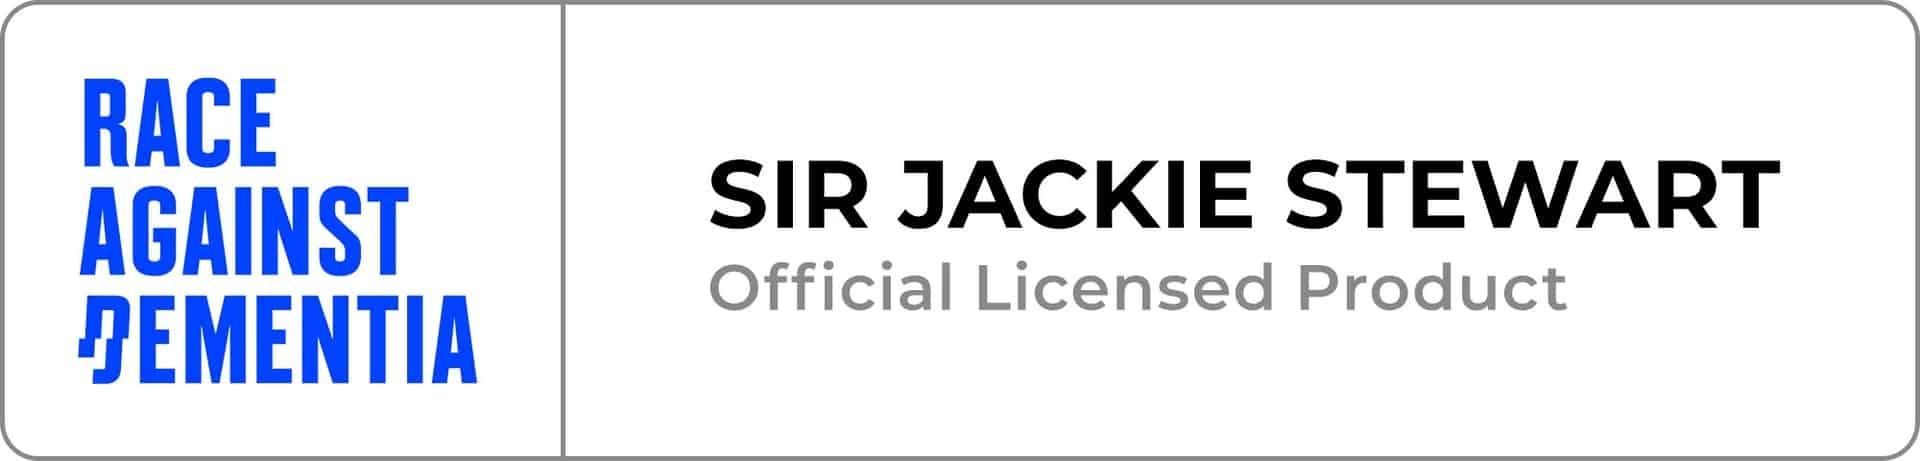 sir jackie stewart licenced poster